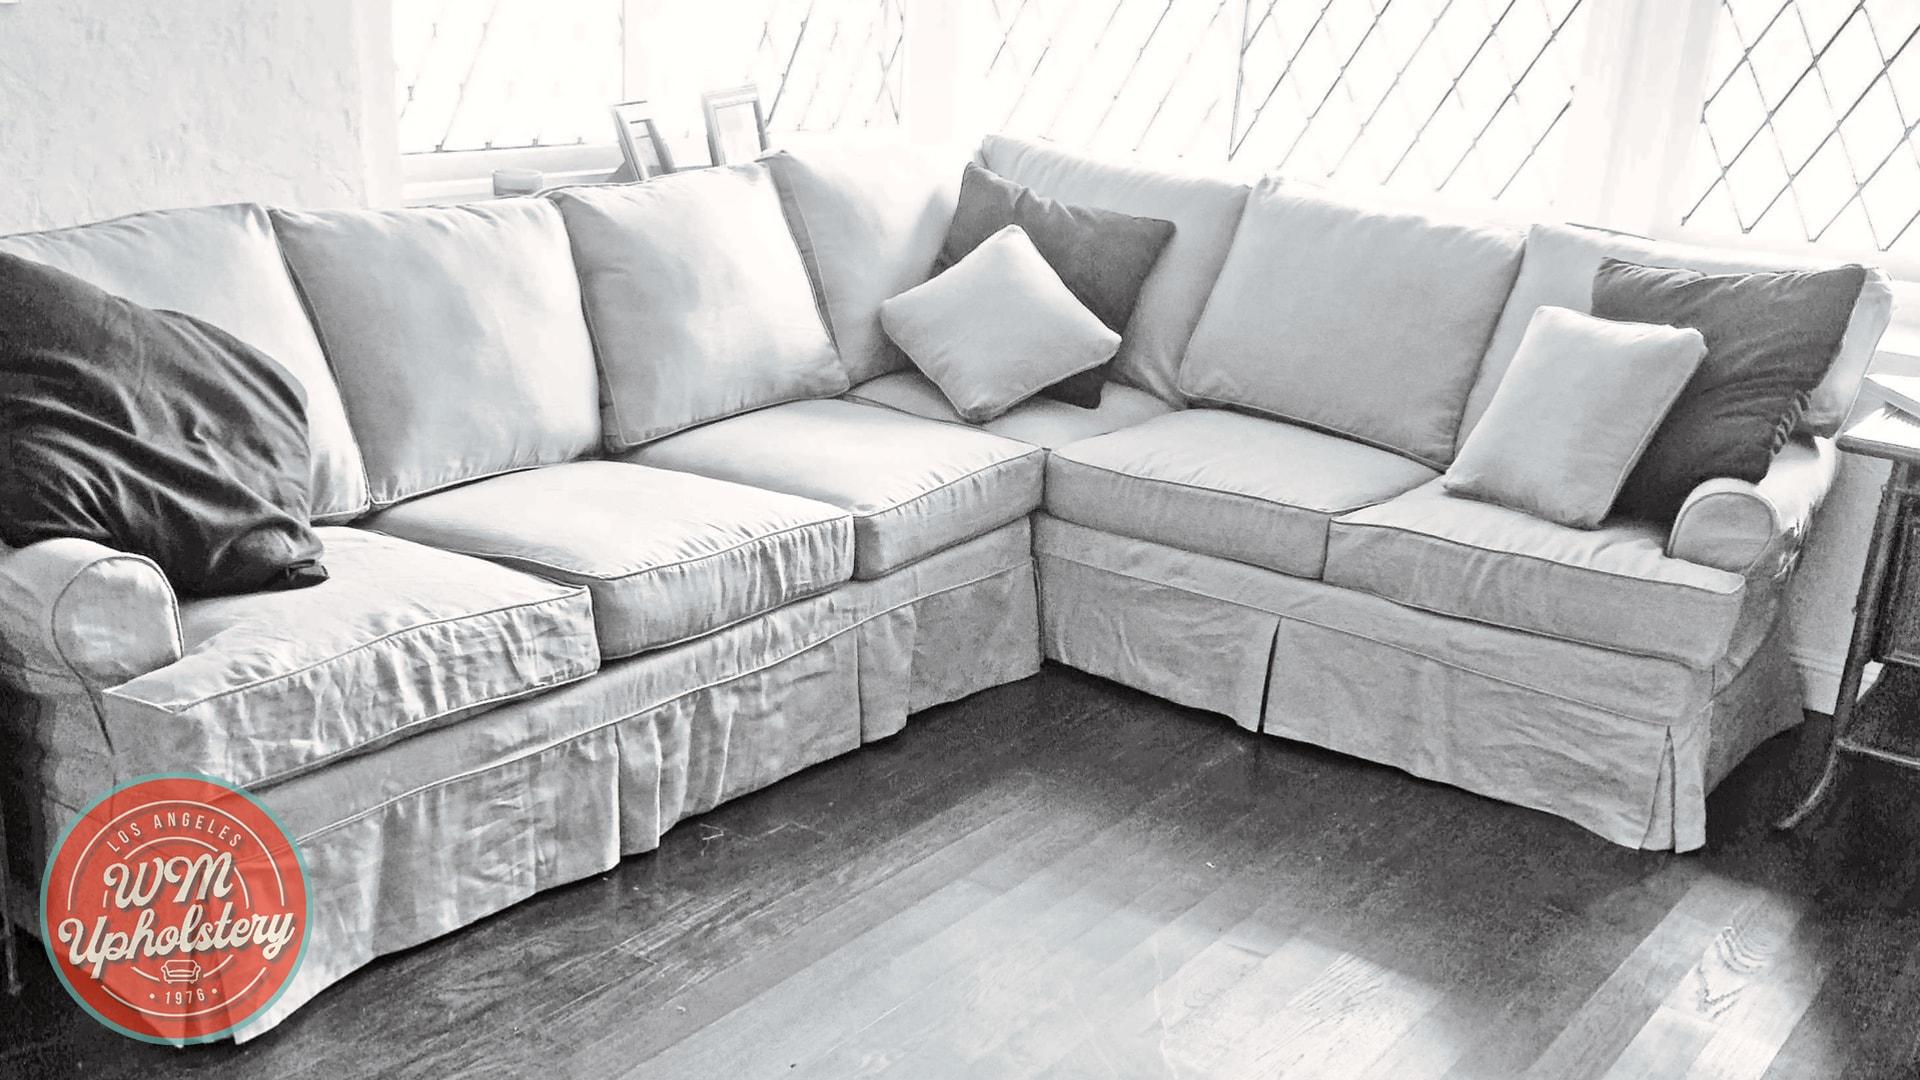 slipcover master upholstery